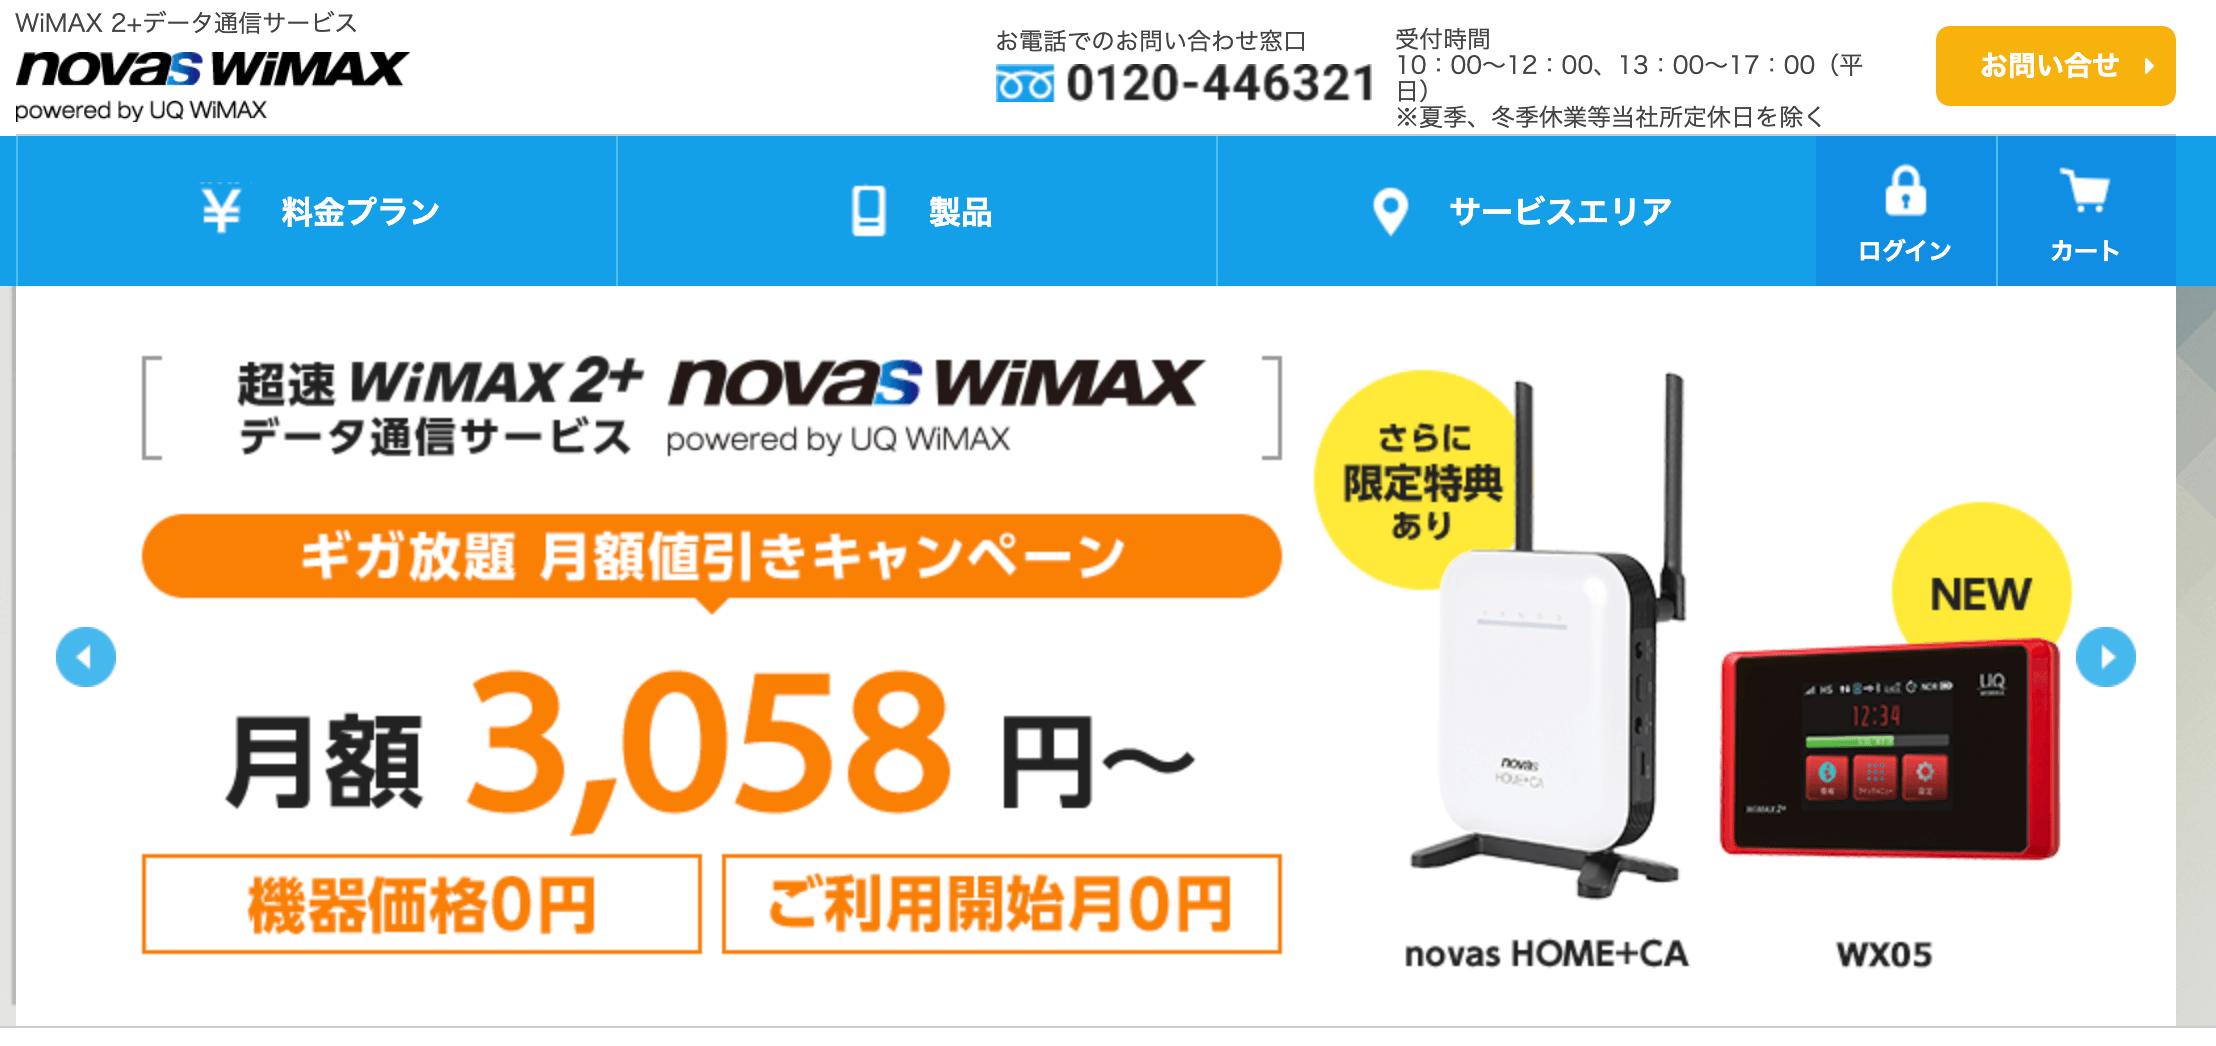 novasWiMAXのトップページ